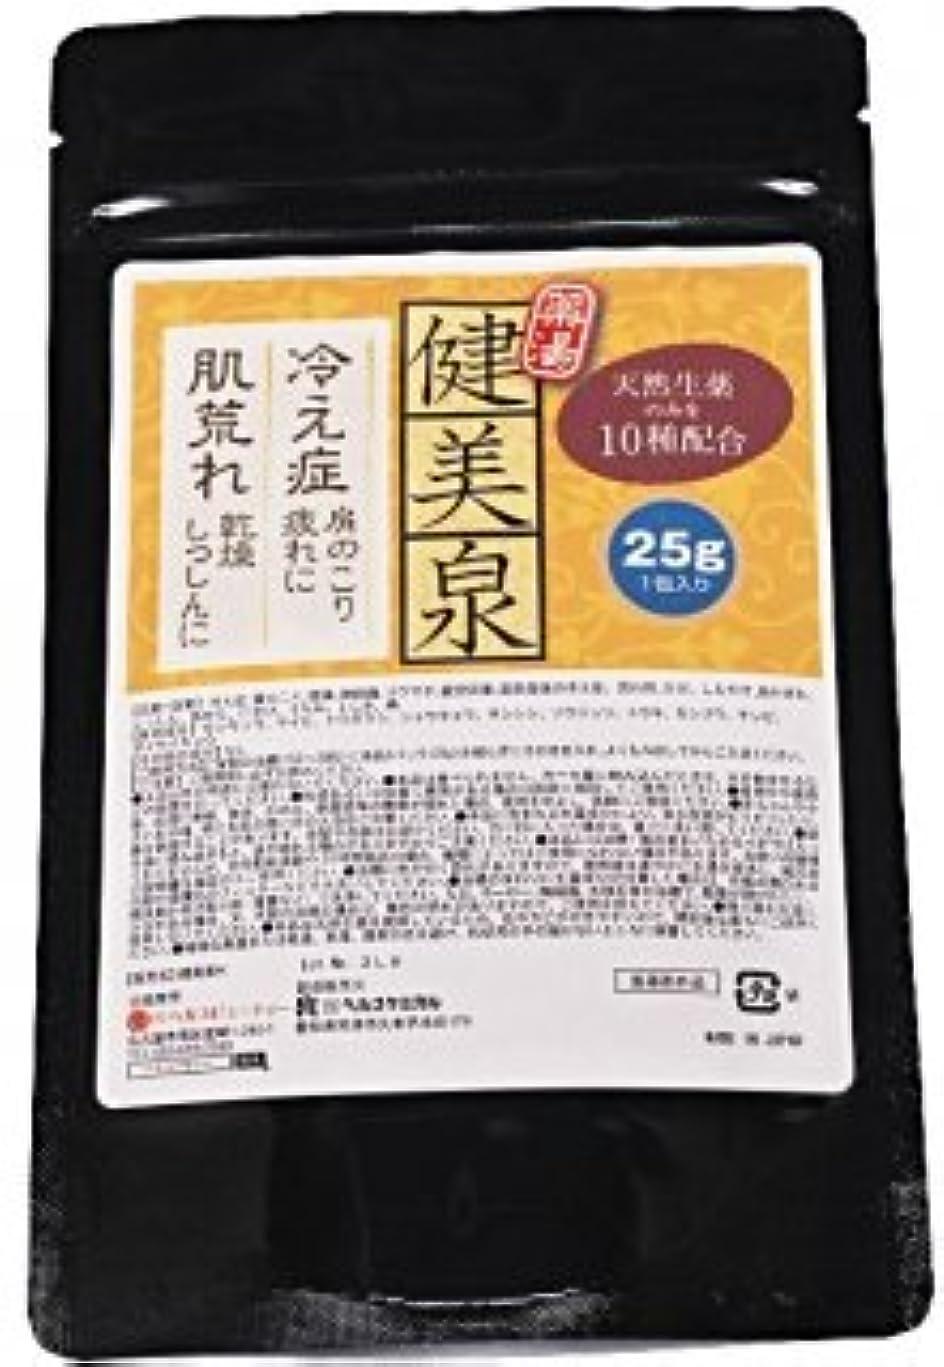 希少性代名詞大きなスケールで見ると健美泉 1回分 刻み 生薬 薬湯 分包 タイプ 天然生薬 の 香り 医薬部外品